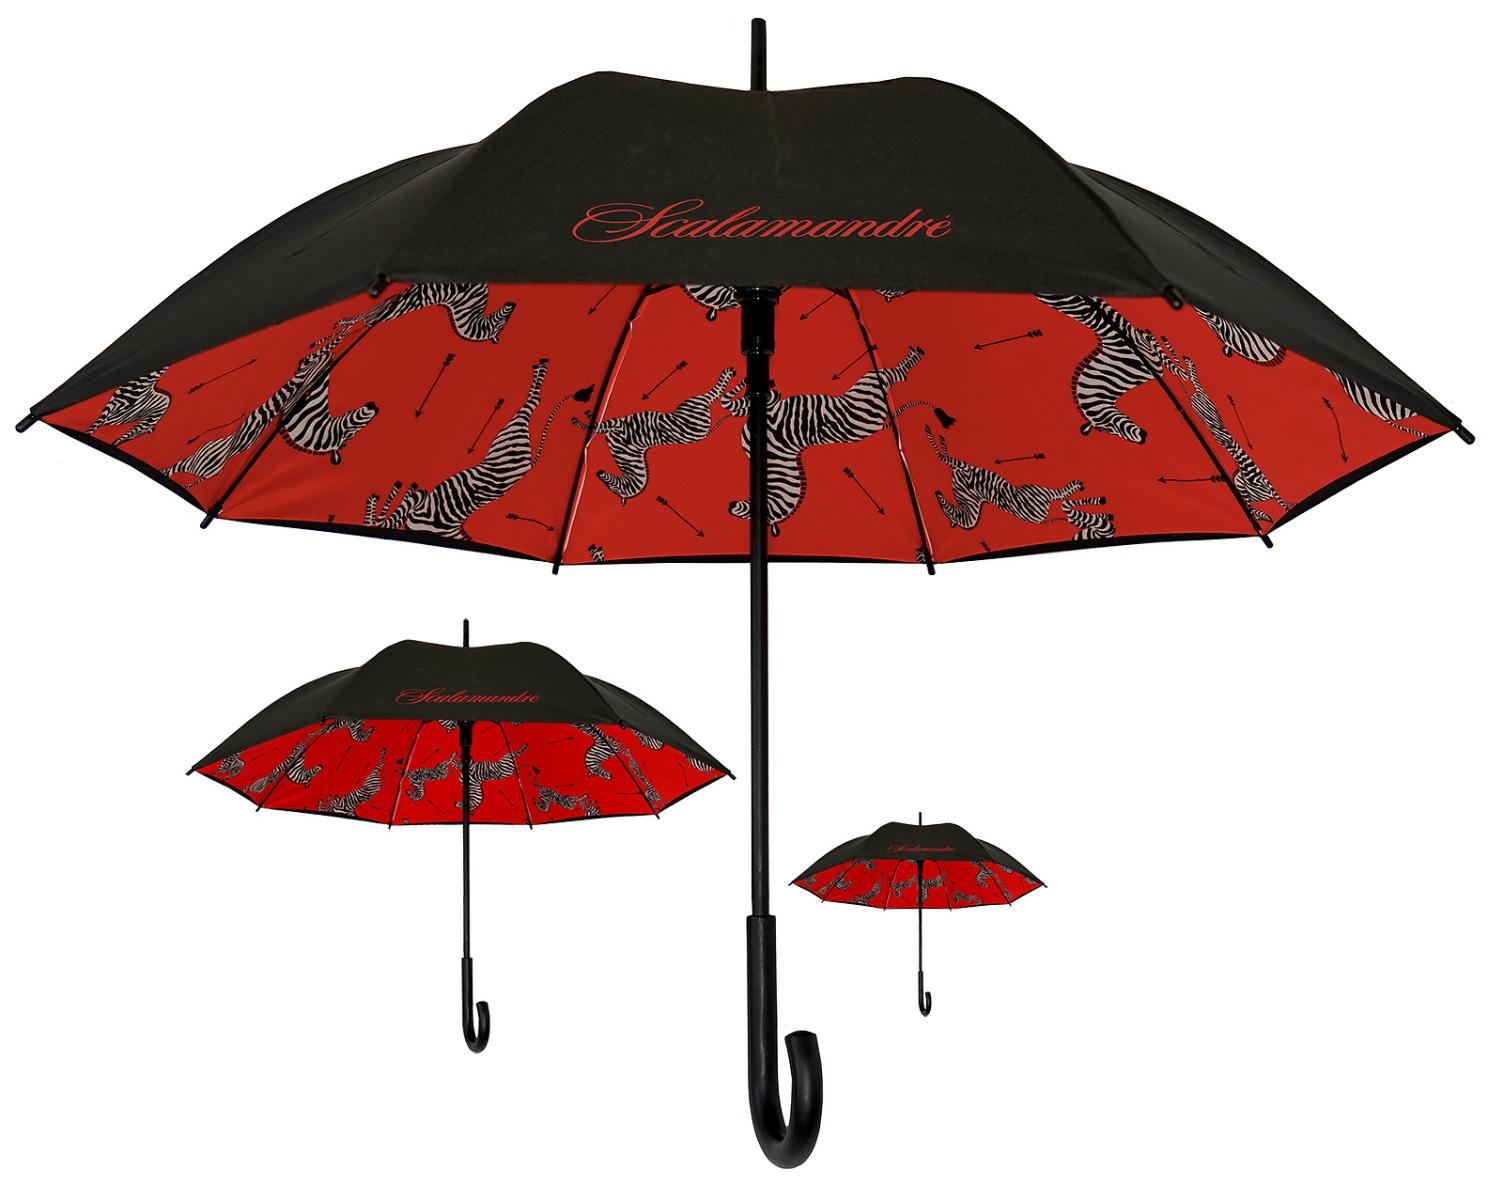 Our Scalamandré Zebras Umbrella